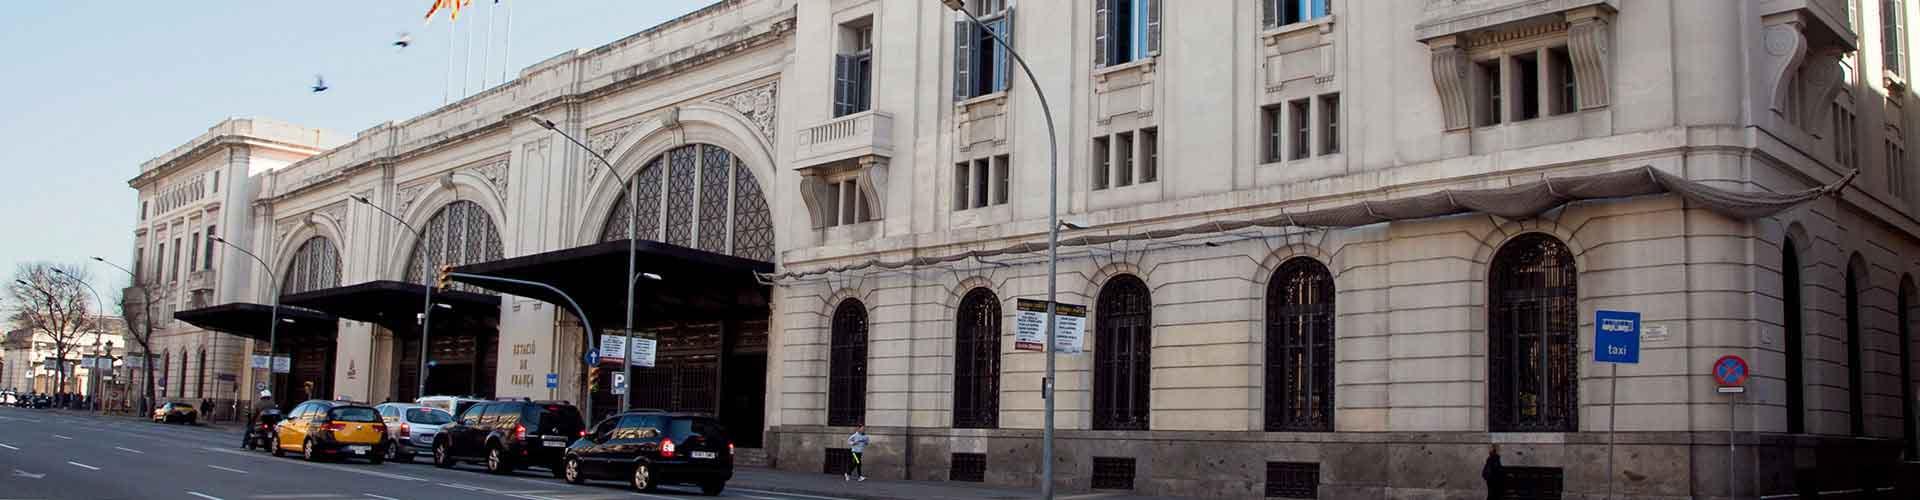 バルセロナ – フランサ駅の近くにあるホテル. 地図 バルセロナ, すべてのホテルの写真とレビュー バルセロナ.